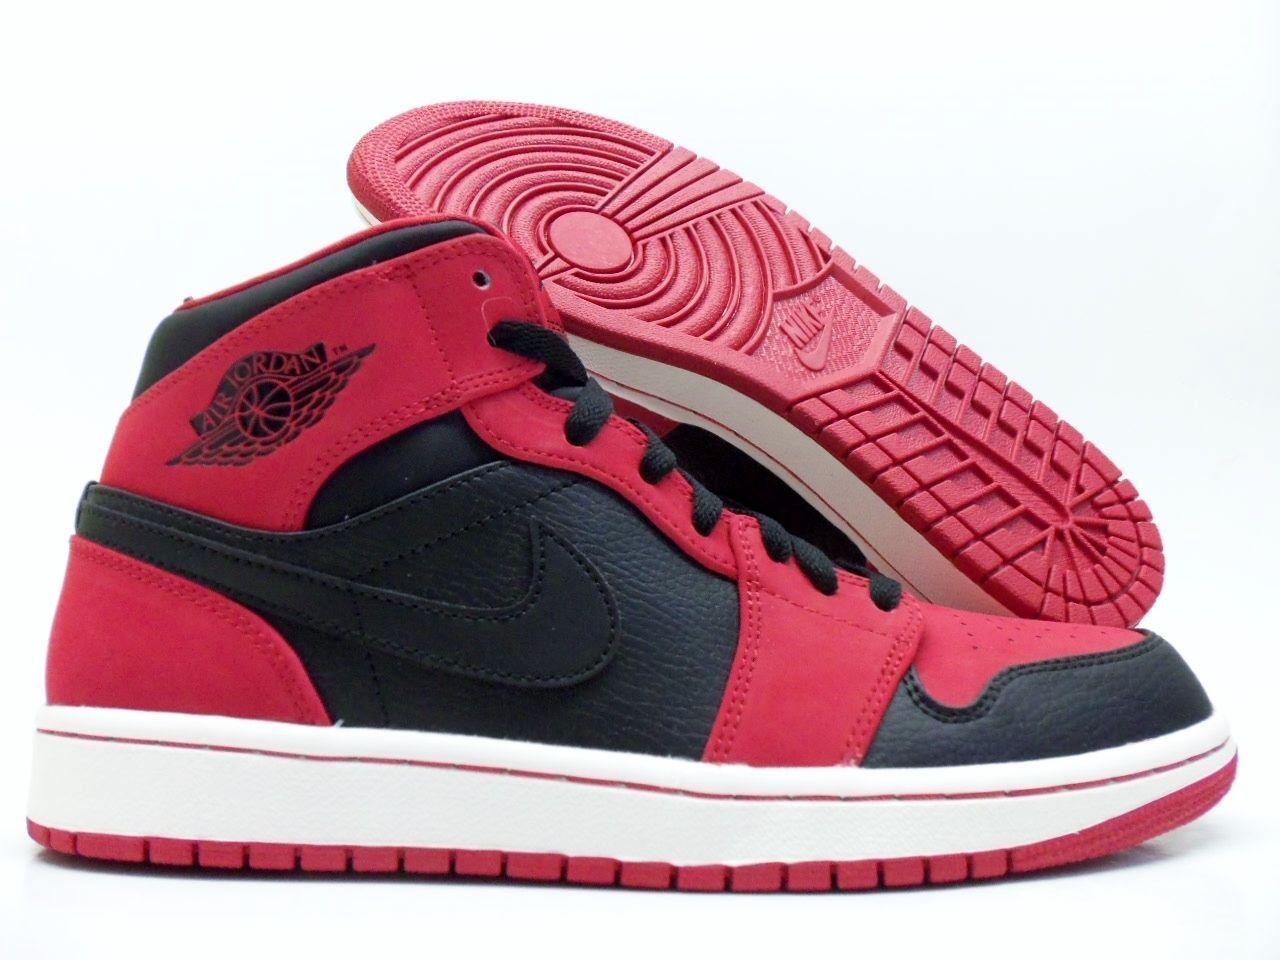 8cc6b153871f23 Nike Air Jordan 1 Mid